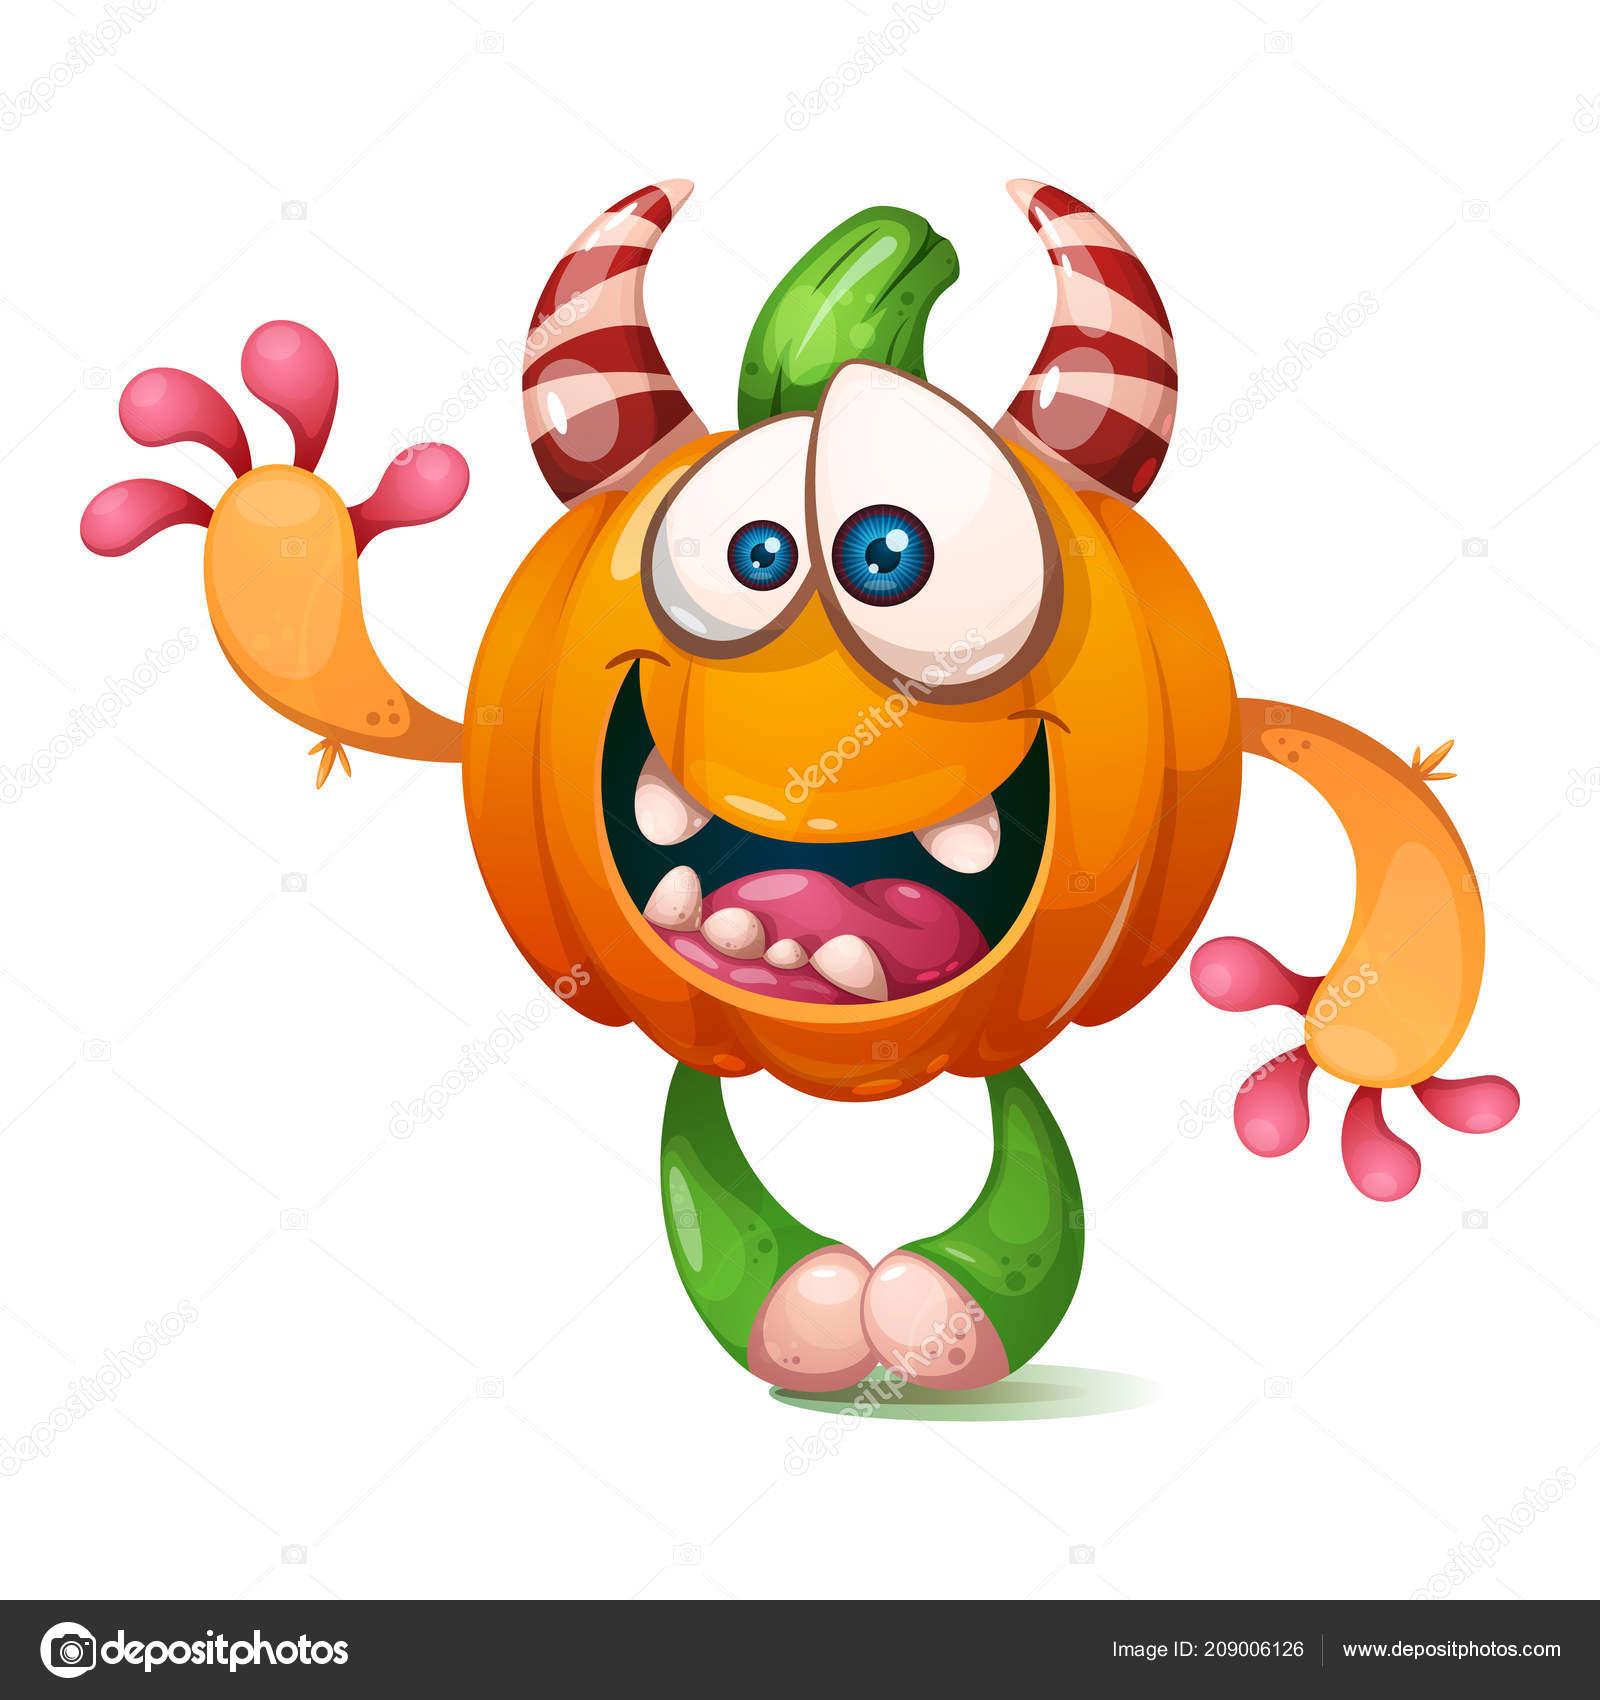 Kreslene Vtipy Vtipne Crazy Dynova Znaku Ilustrace Halloween